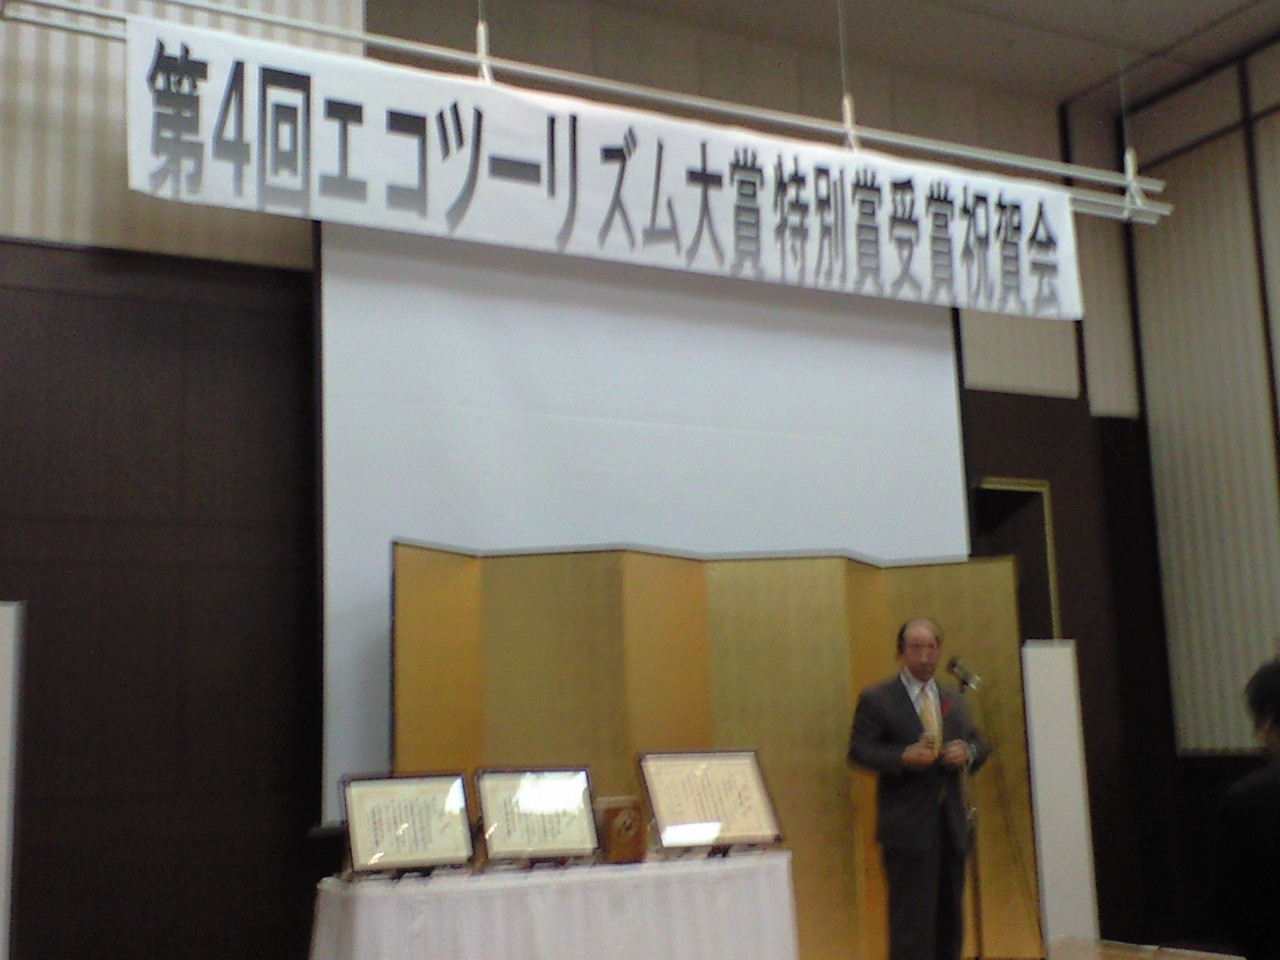 祝・エコツー大賞特別賞〜♪